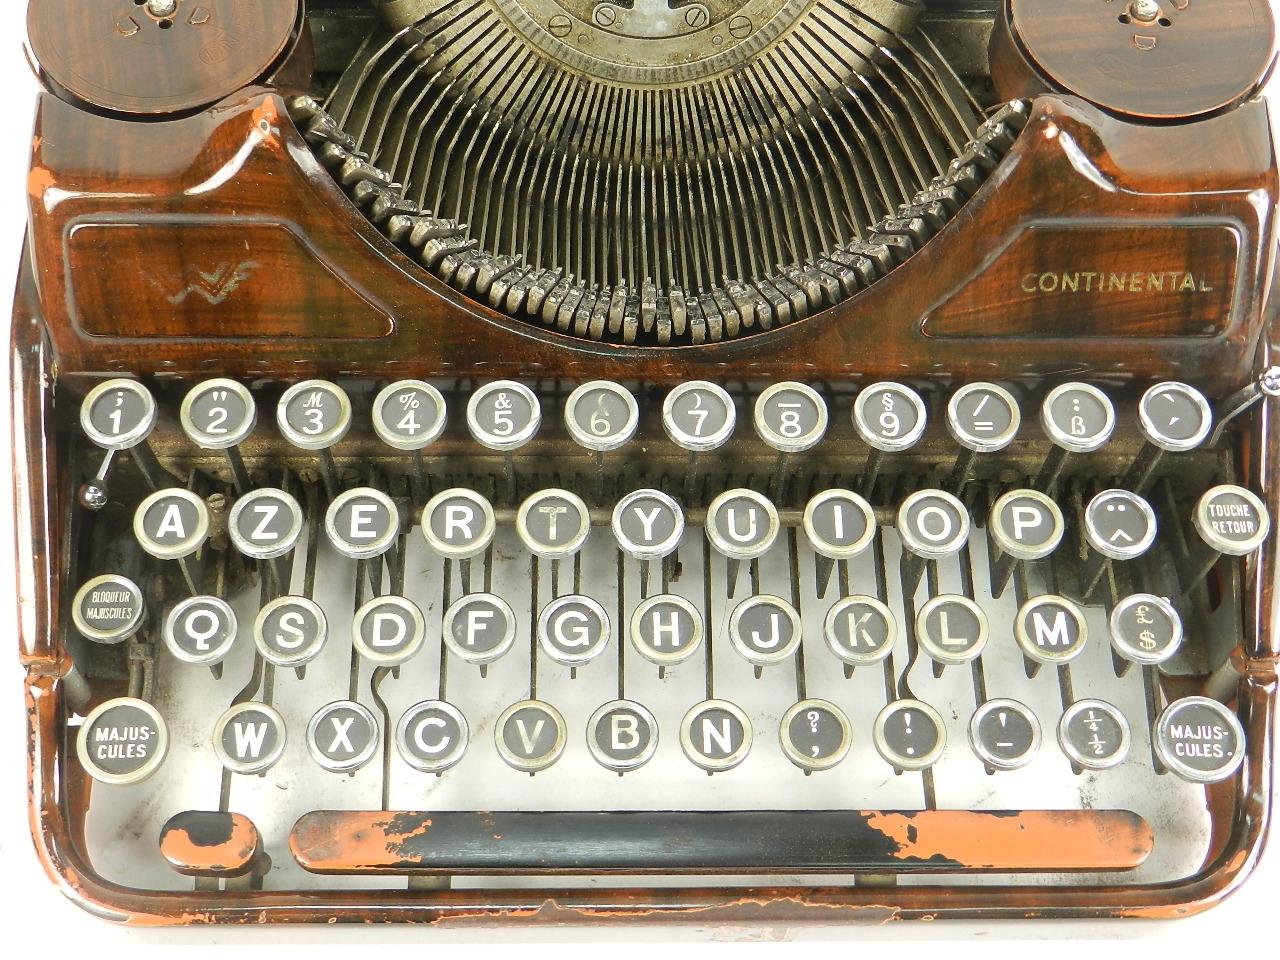 Imagen RARA CONTINENTAL COLOR MARRÓN AÑO 1935 27410